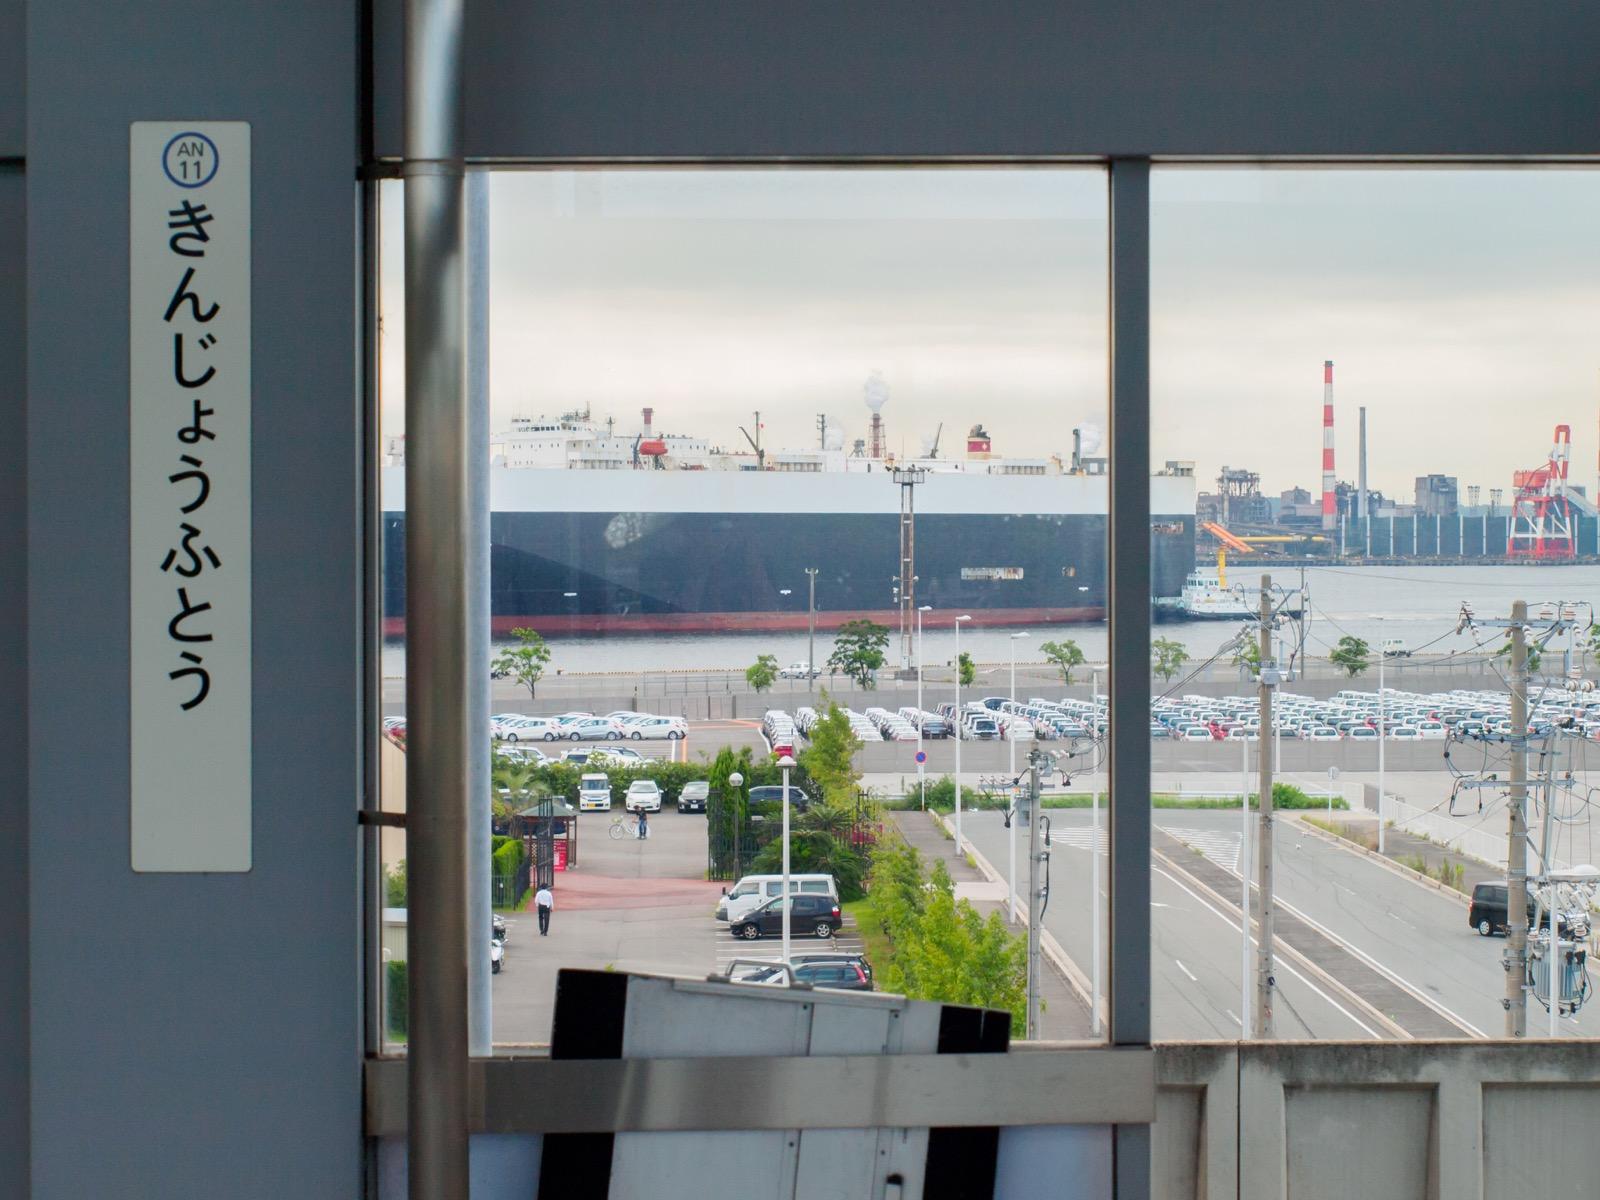 金城ふ頭駅のホームから見えた貨物船